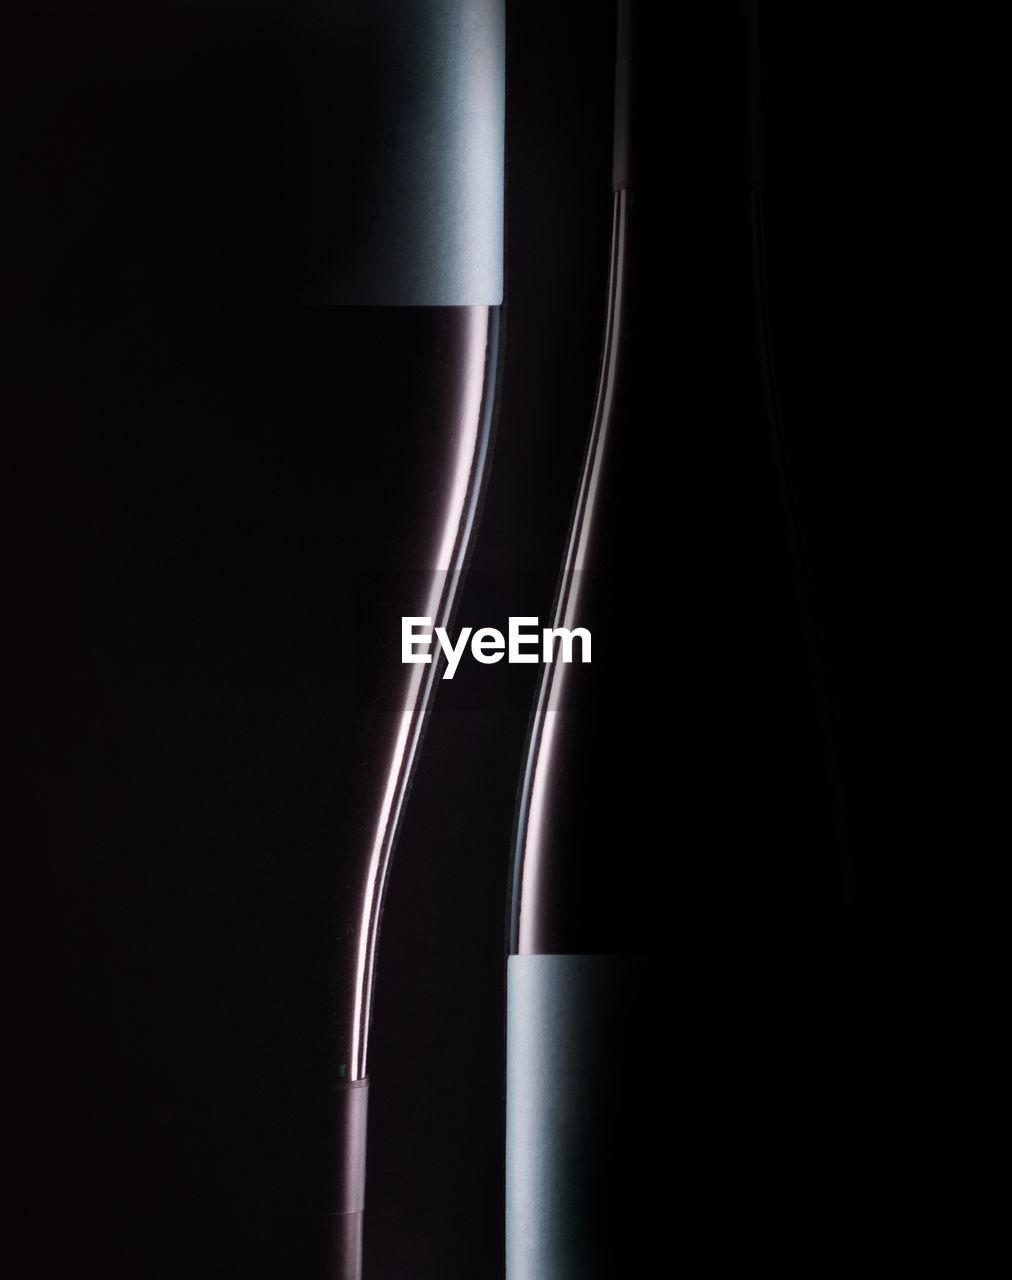 Wine bottle shape close-up